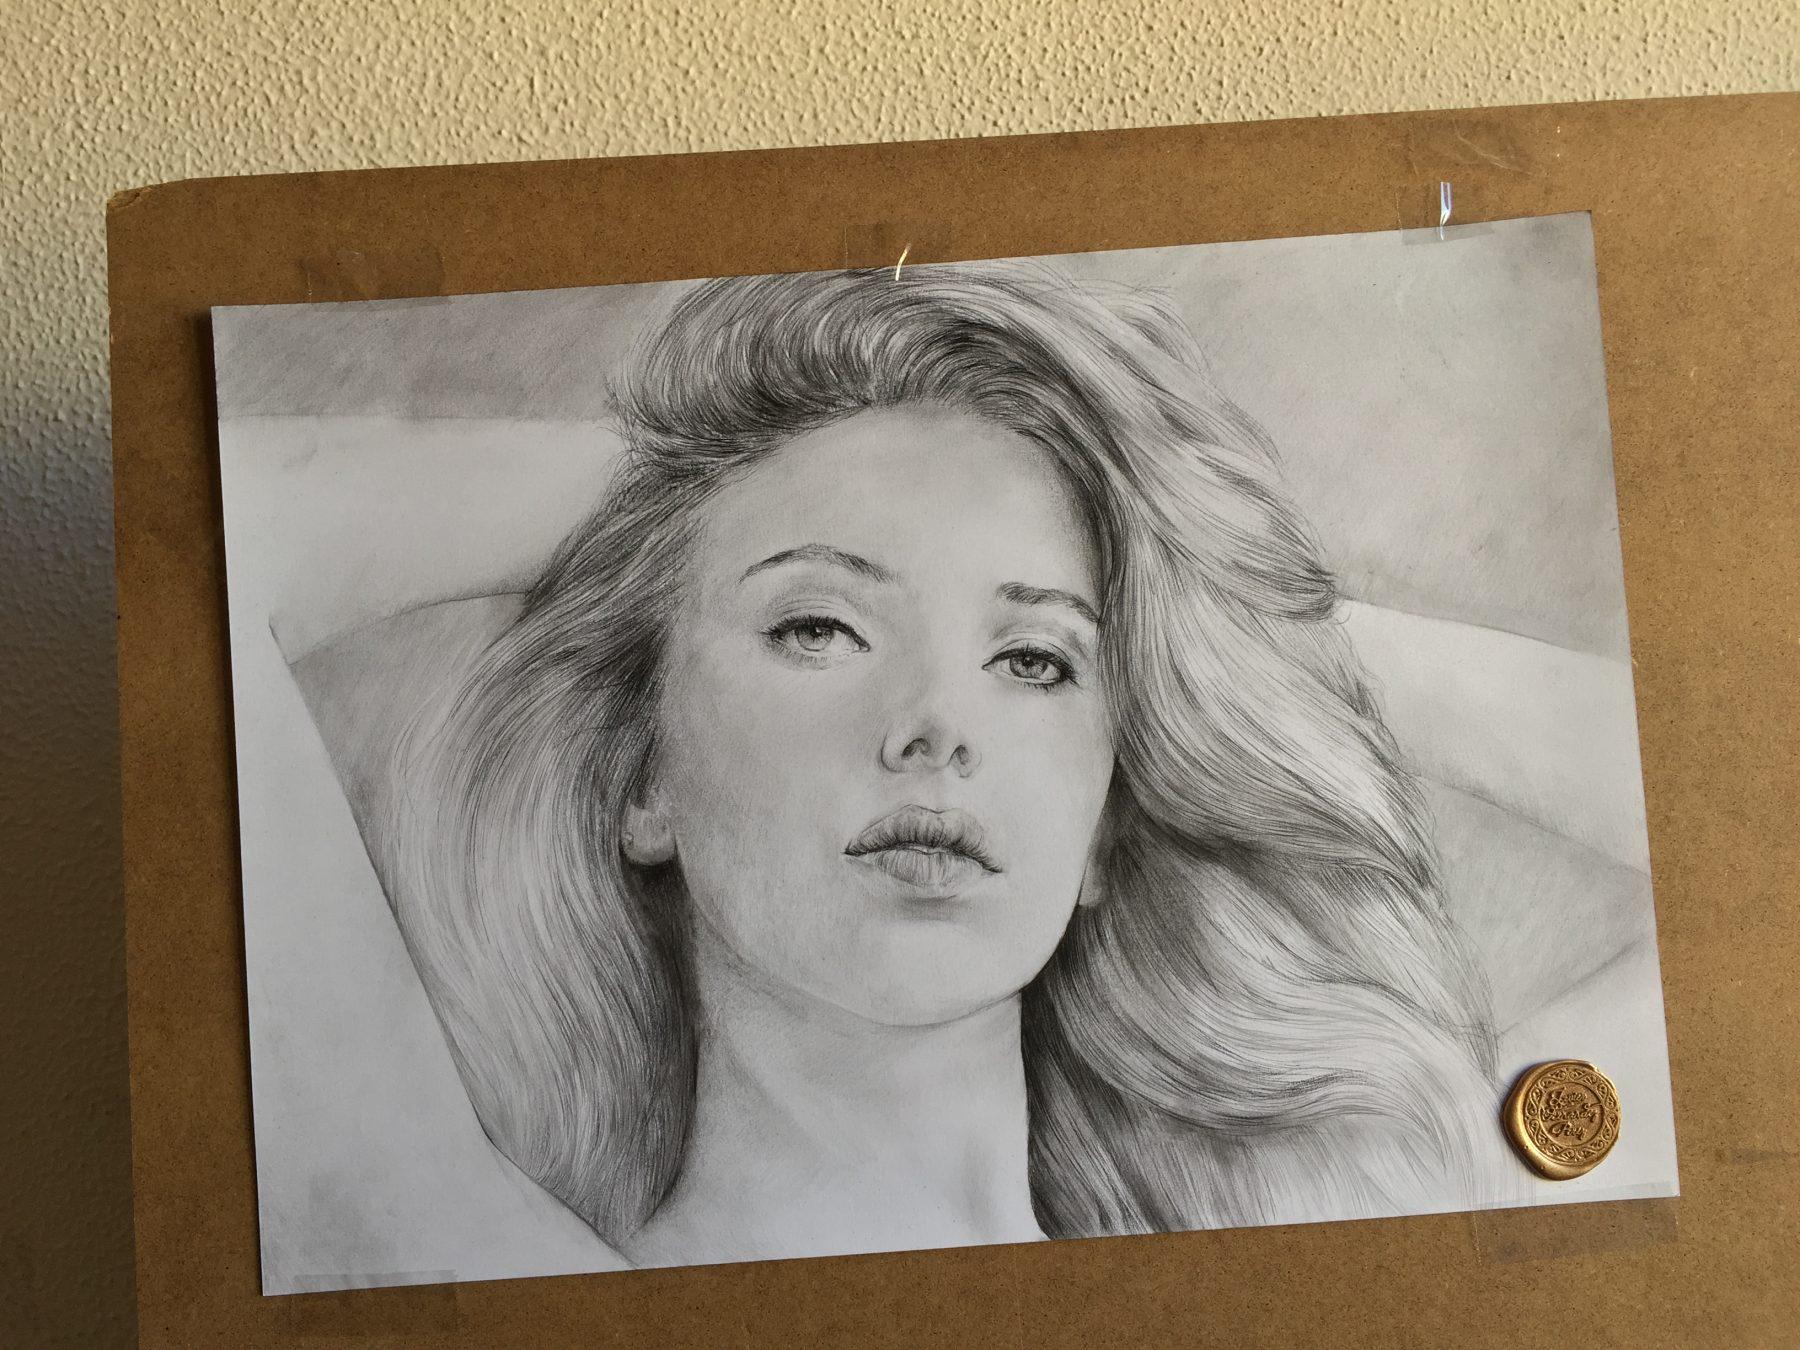 retratos-por-encargo-25-e1488879079515